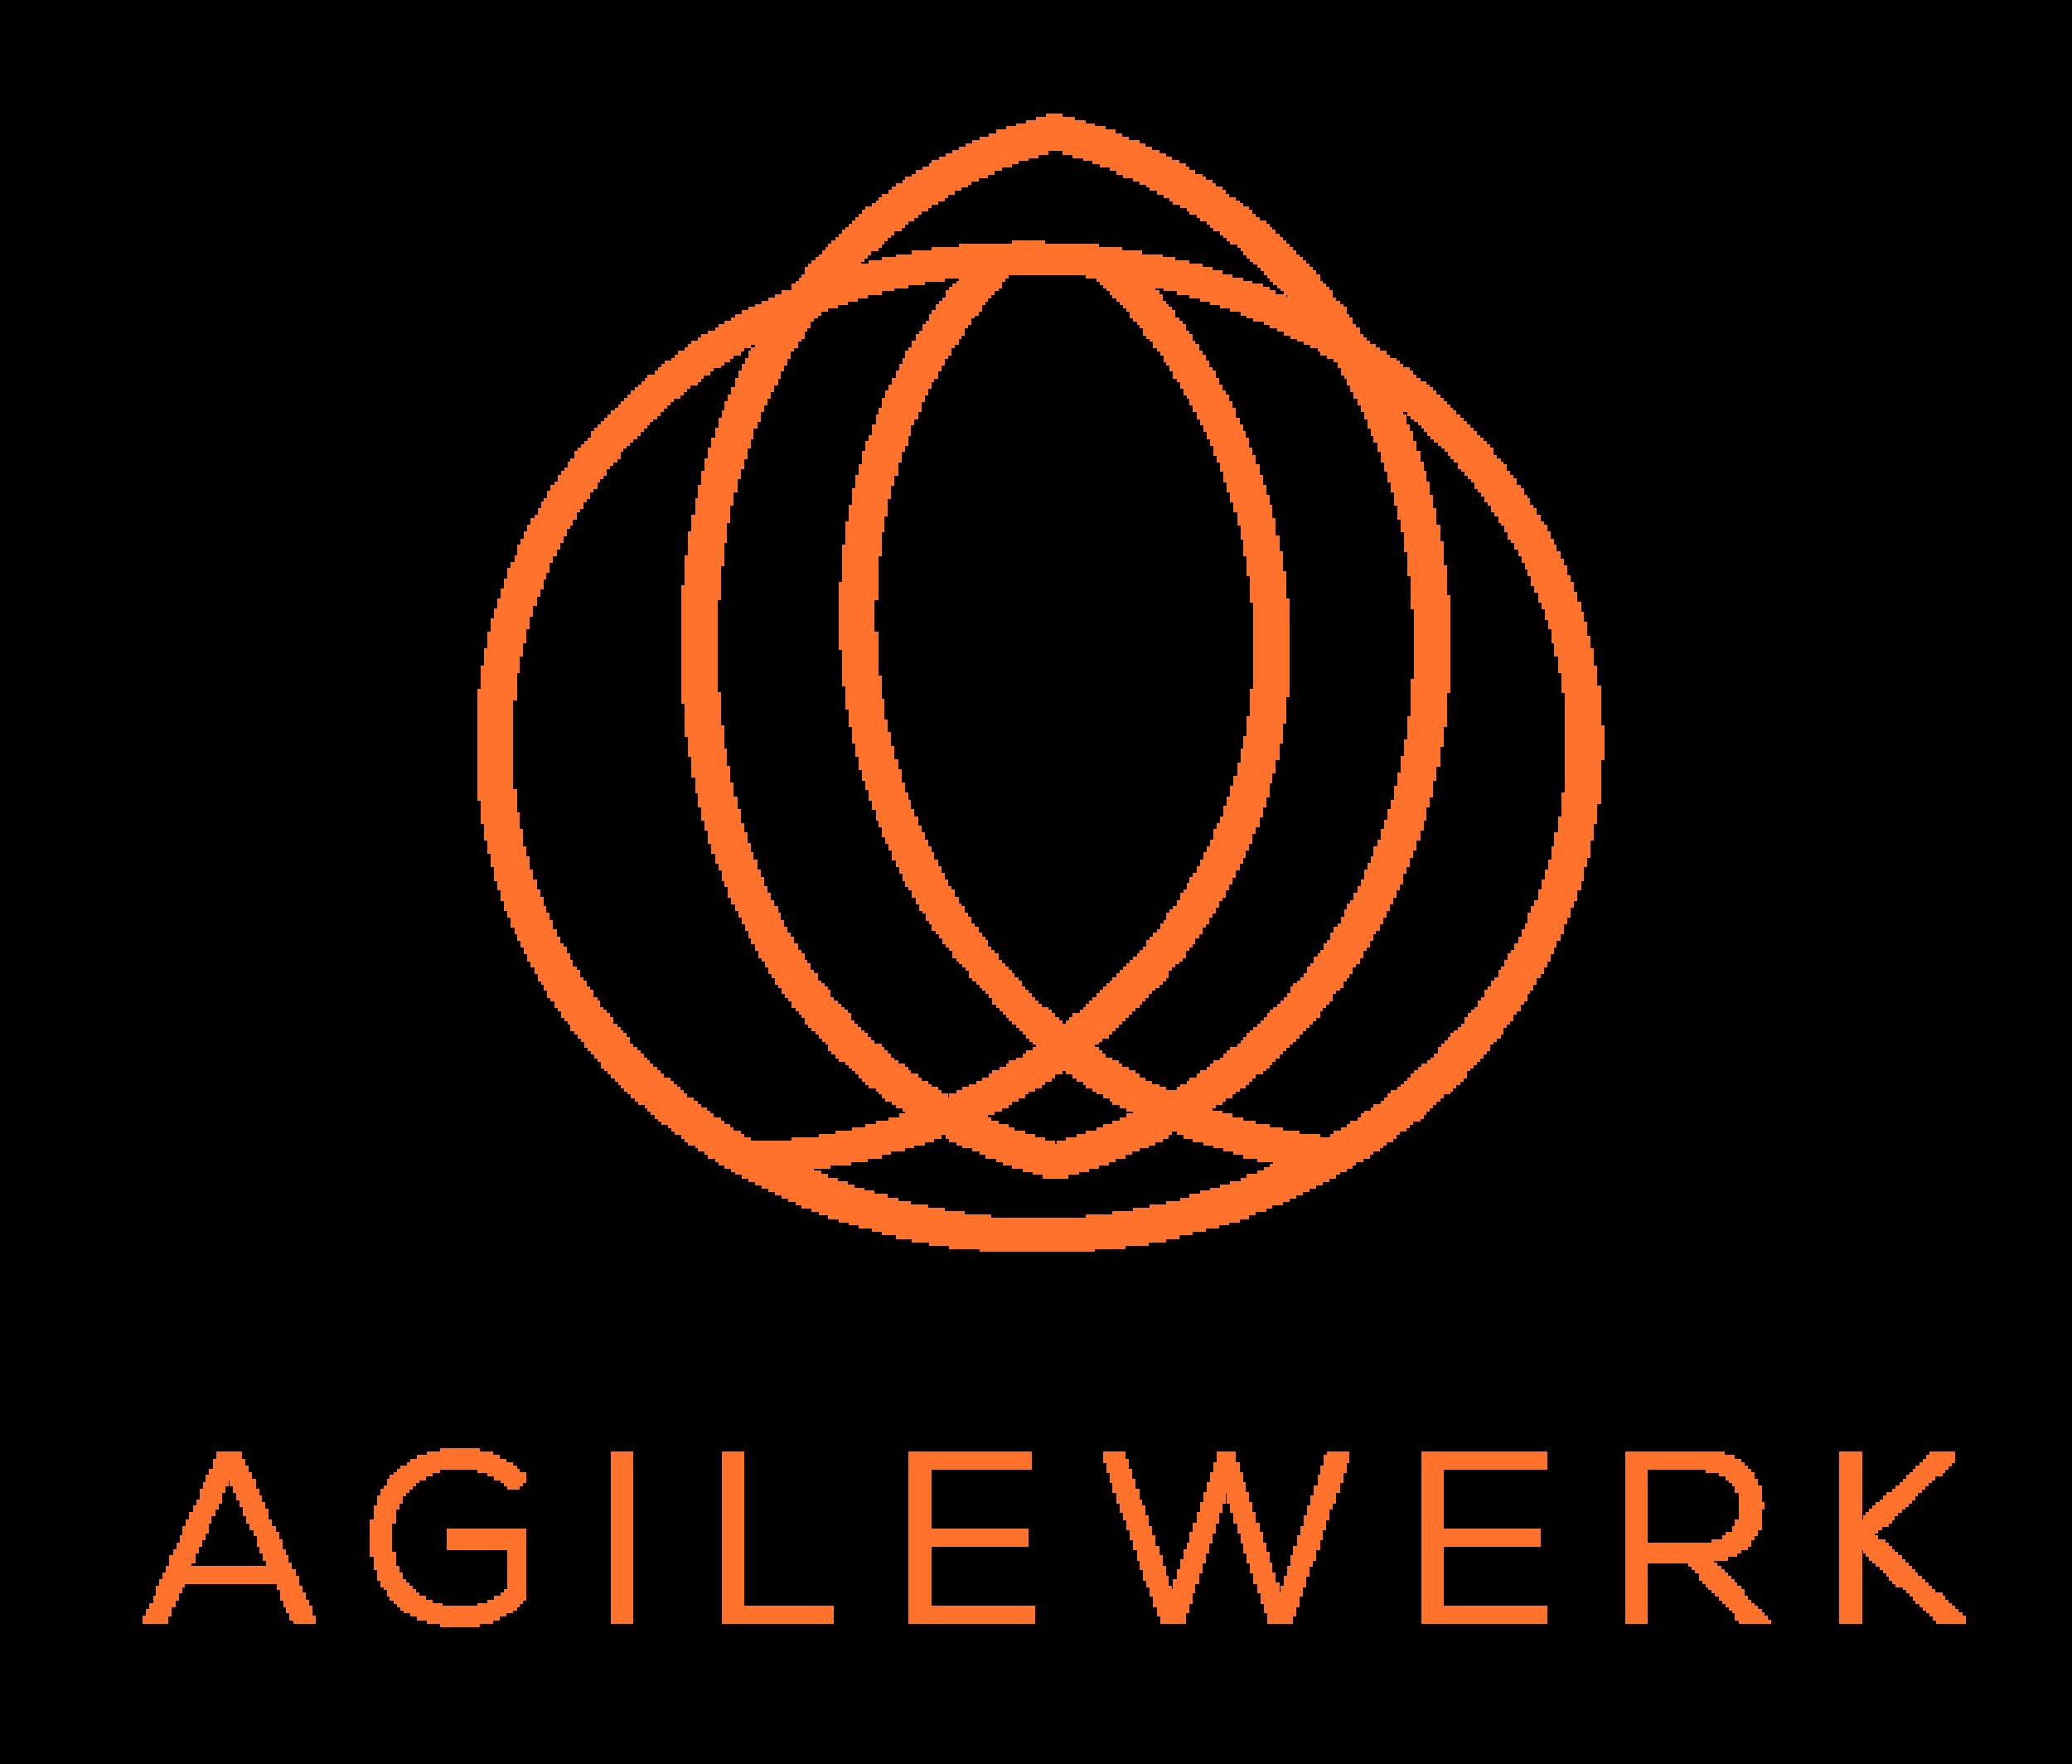 logo agilewerk 2.png